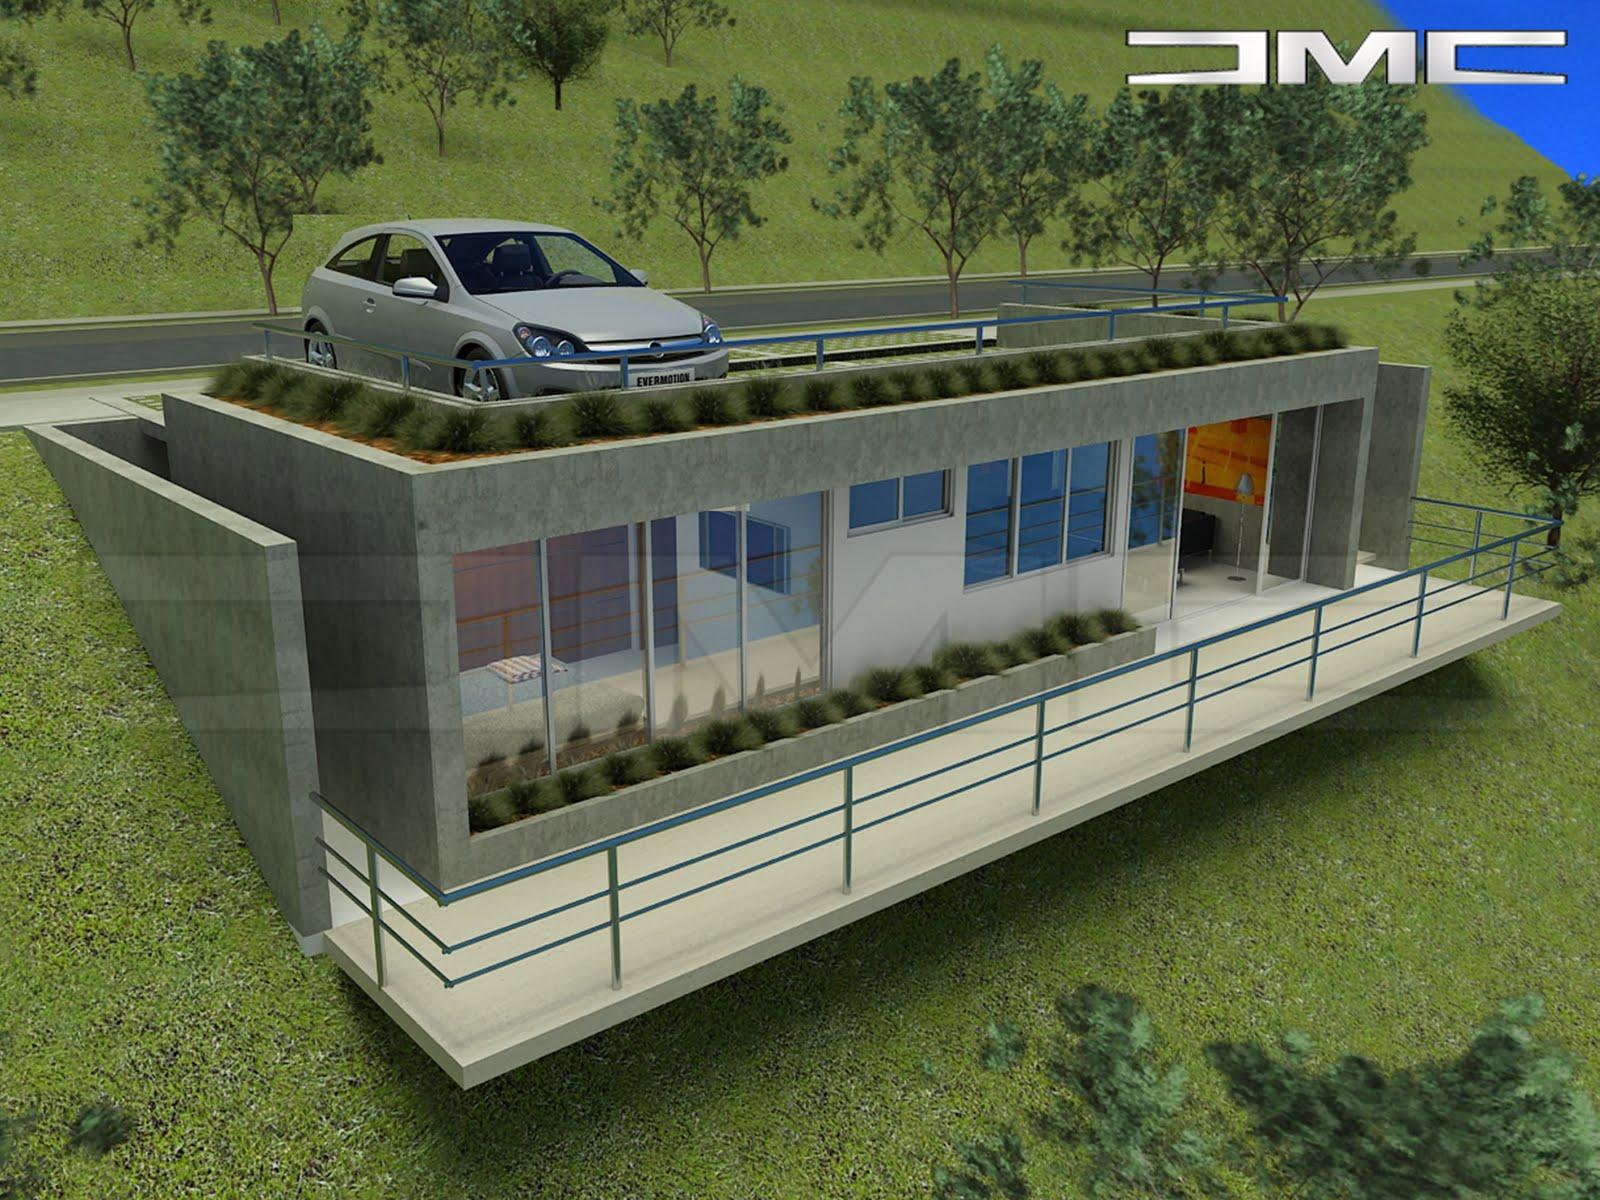 Jmc arquitecto casa jmc 1 en pendiente - Casas en pendiente ...